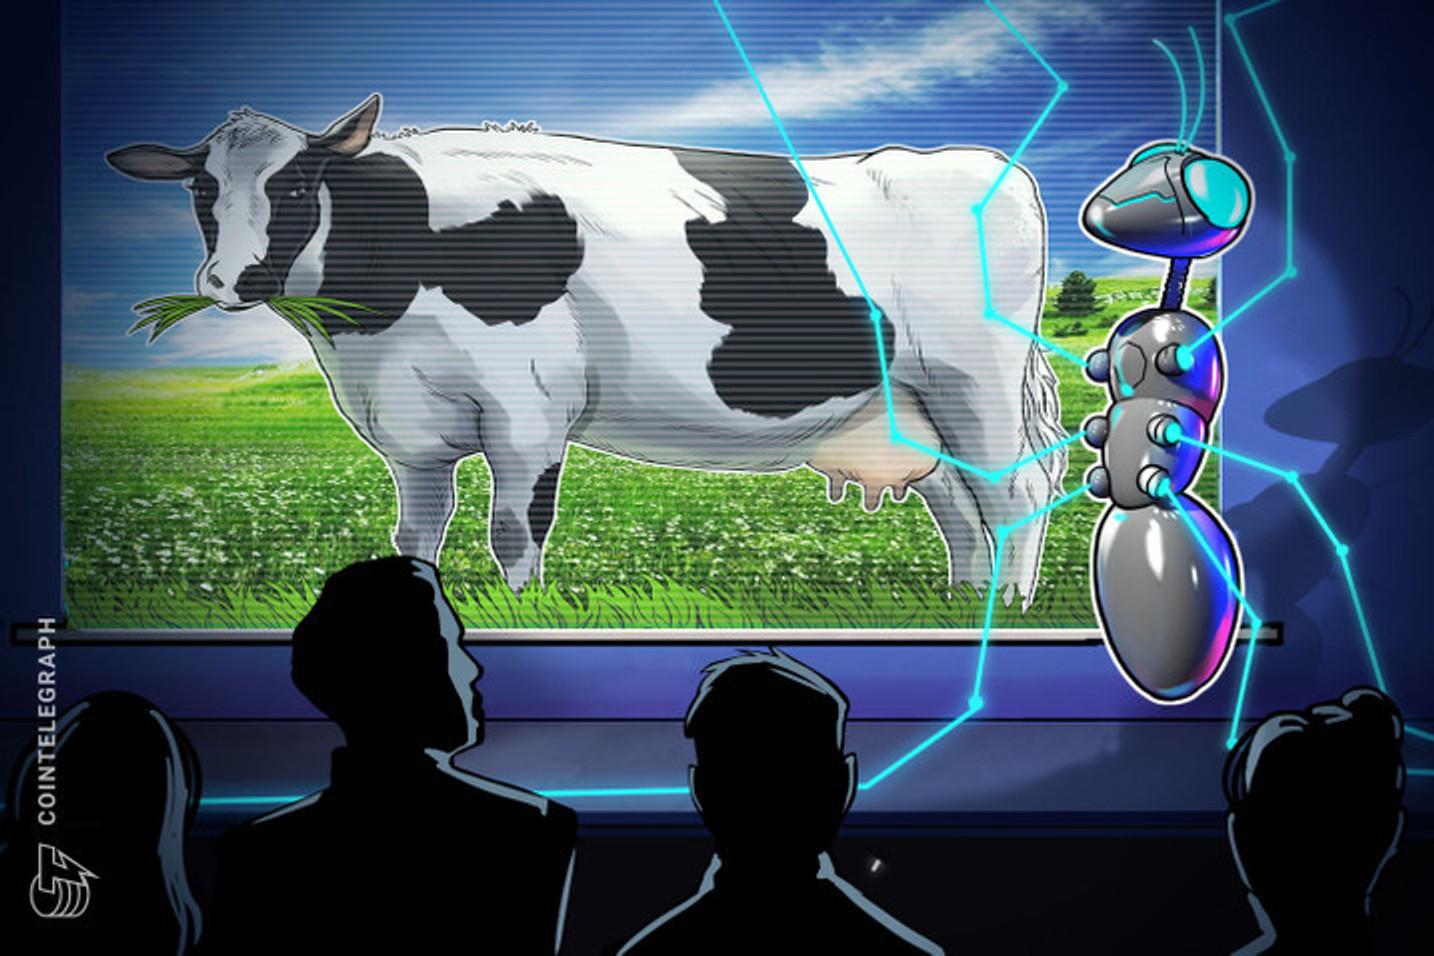 FoodBev ubica a Blockchain como una de las principales tecnologías que revolucionarán la industria láctea internacional este 2020